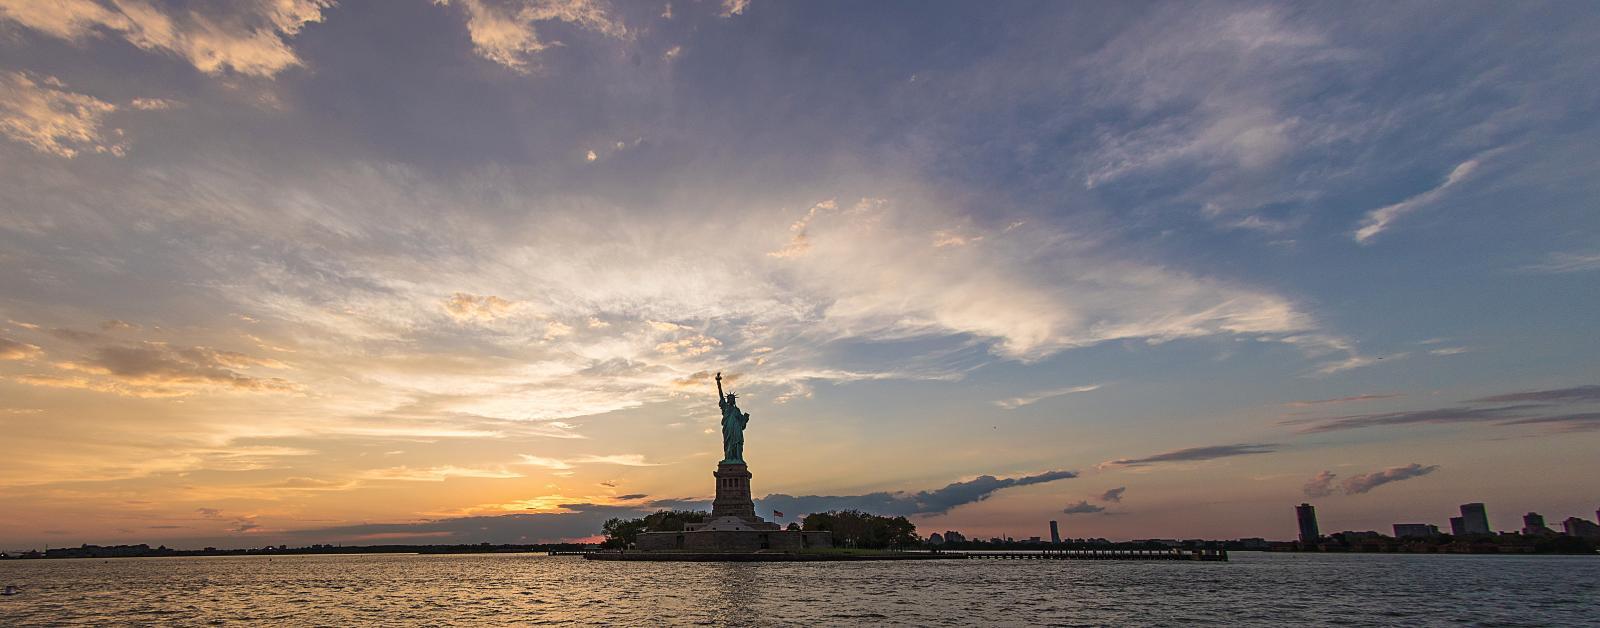 Anochecer en Nueva York frente a la Estatua de la Libertad